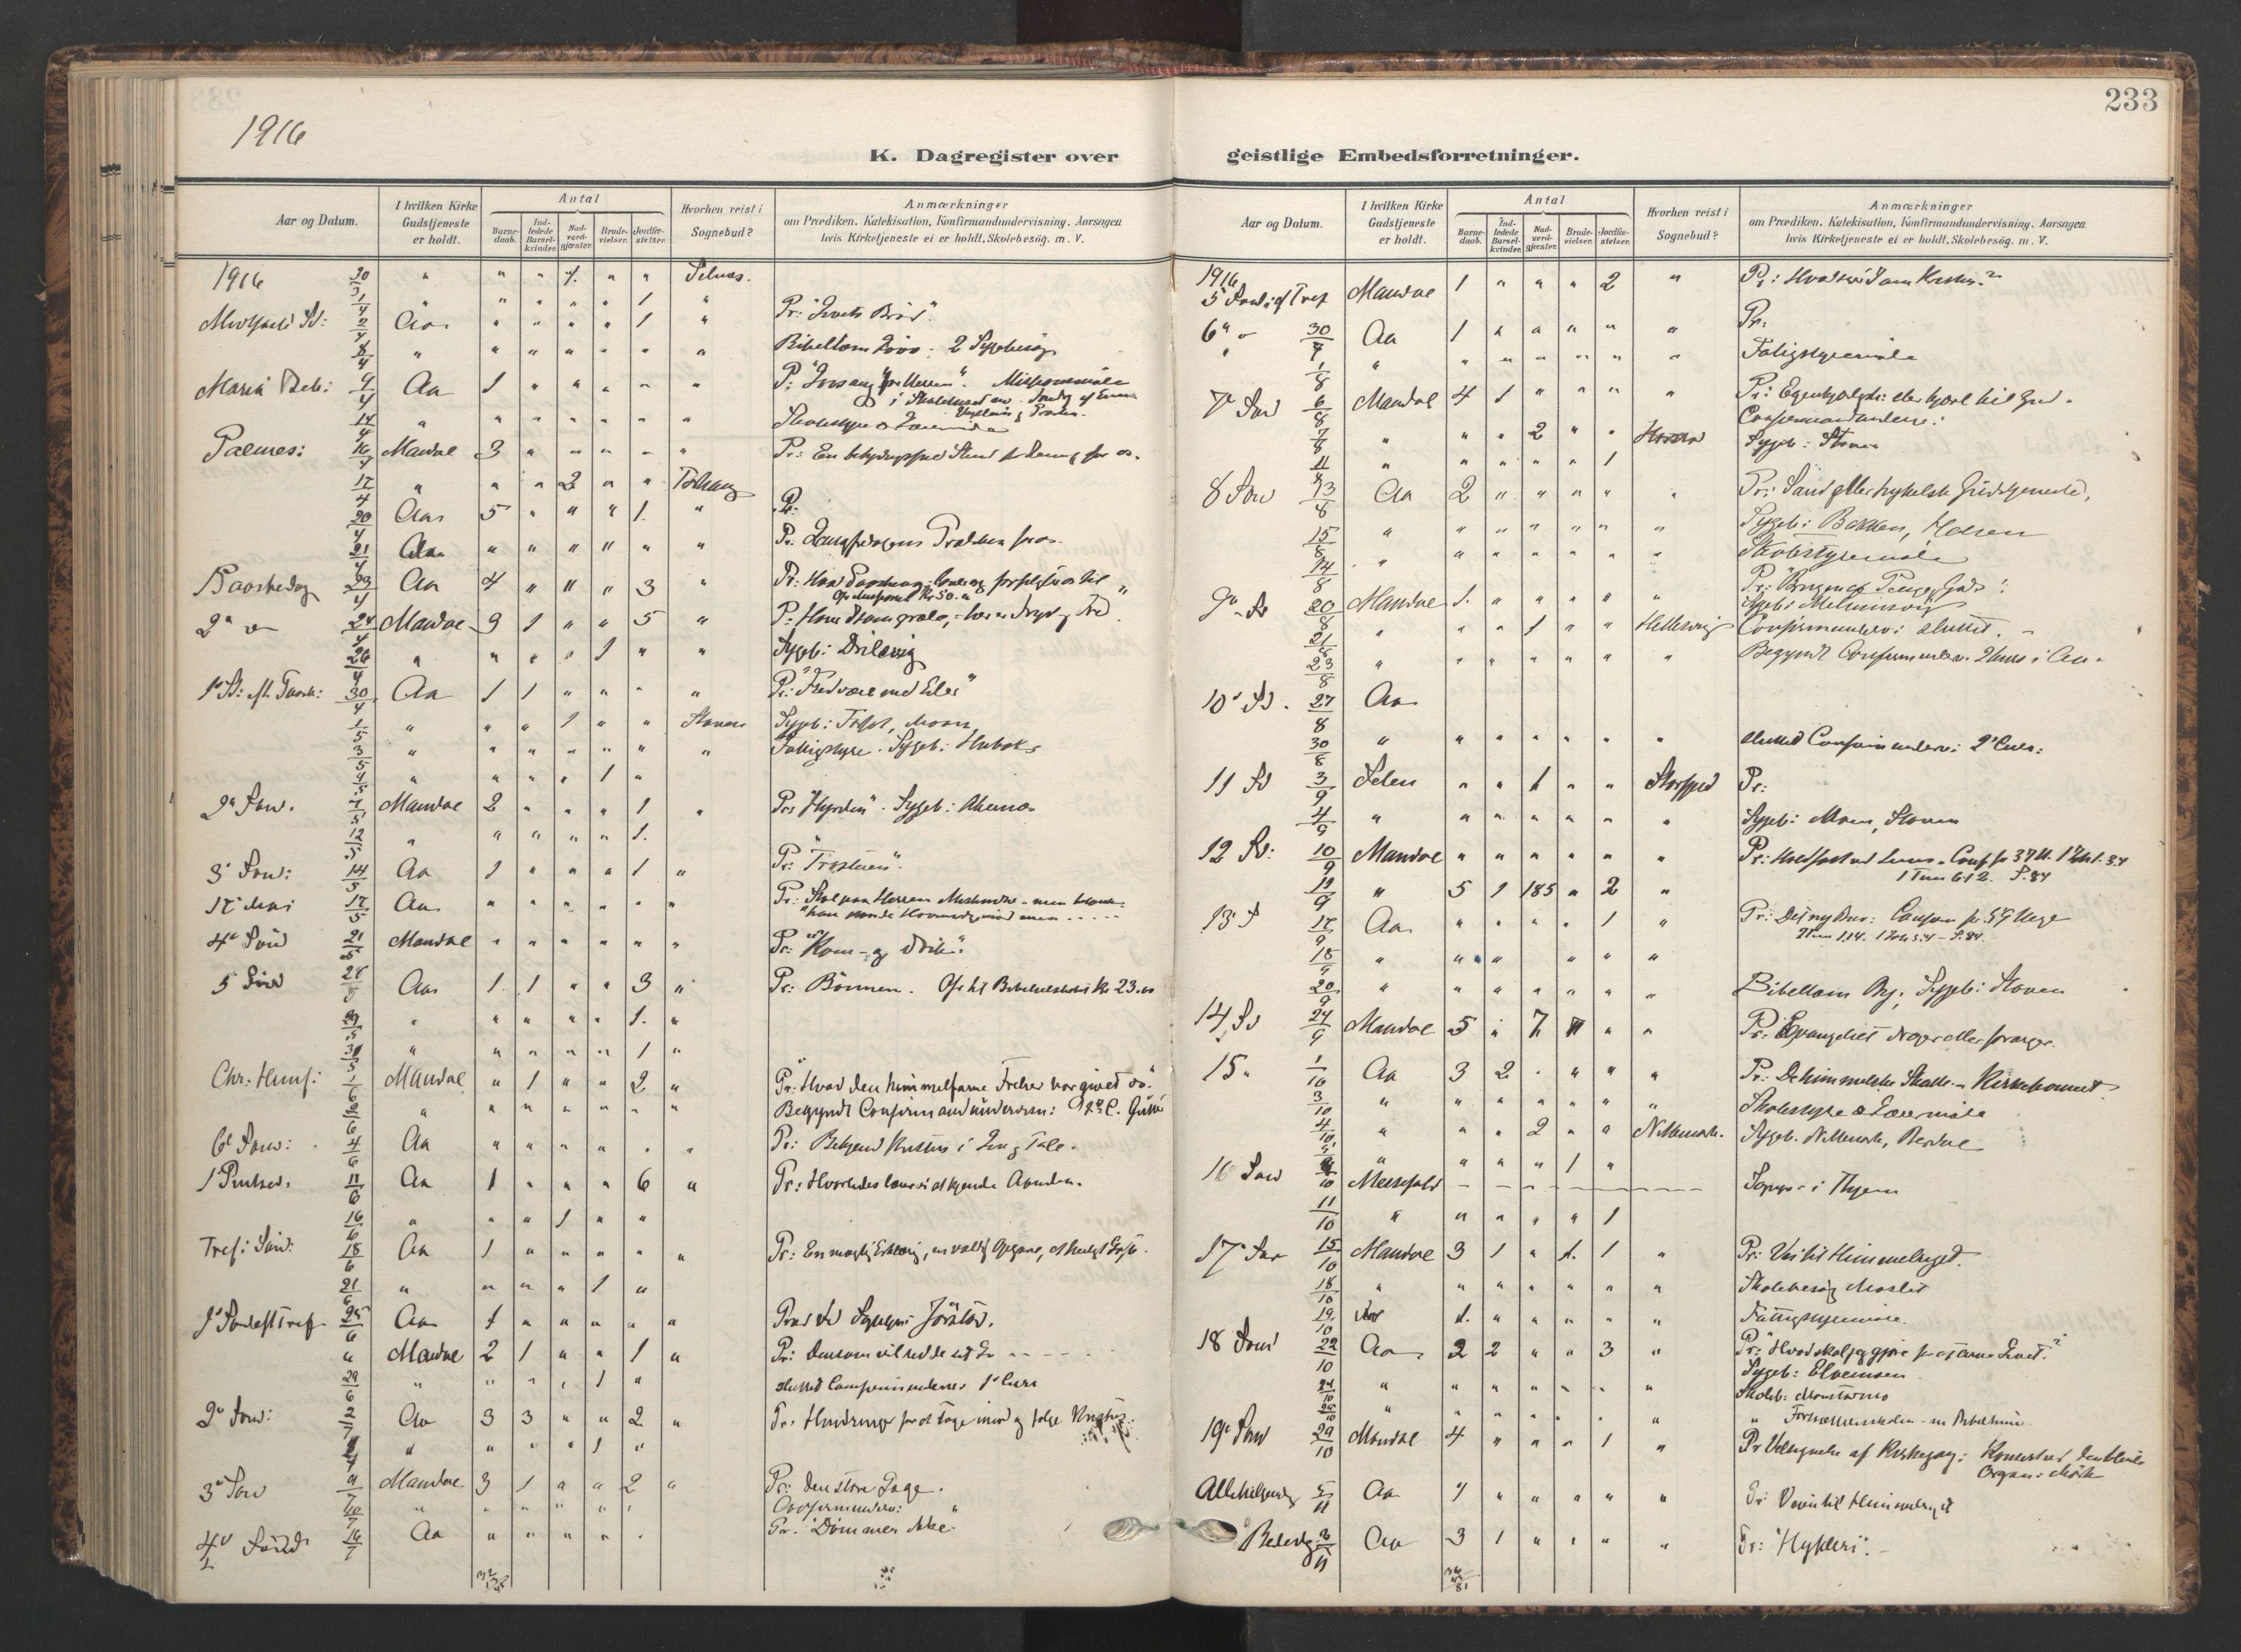 SAT, Ministerialprotokoller, klokkerbøker og fødselsregistre - Sør-Trøndelag, 655/L0682: Ministerialbok nr. 655A11, 1908-1922, s. 233